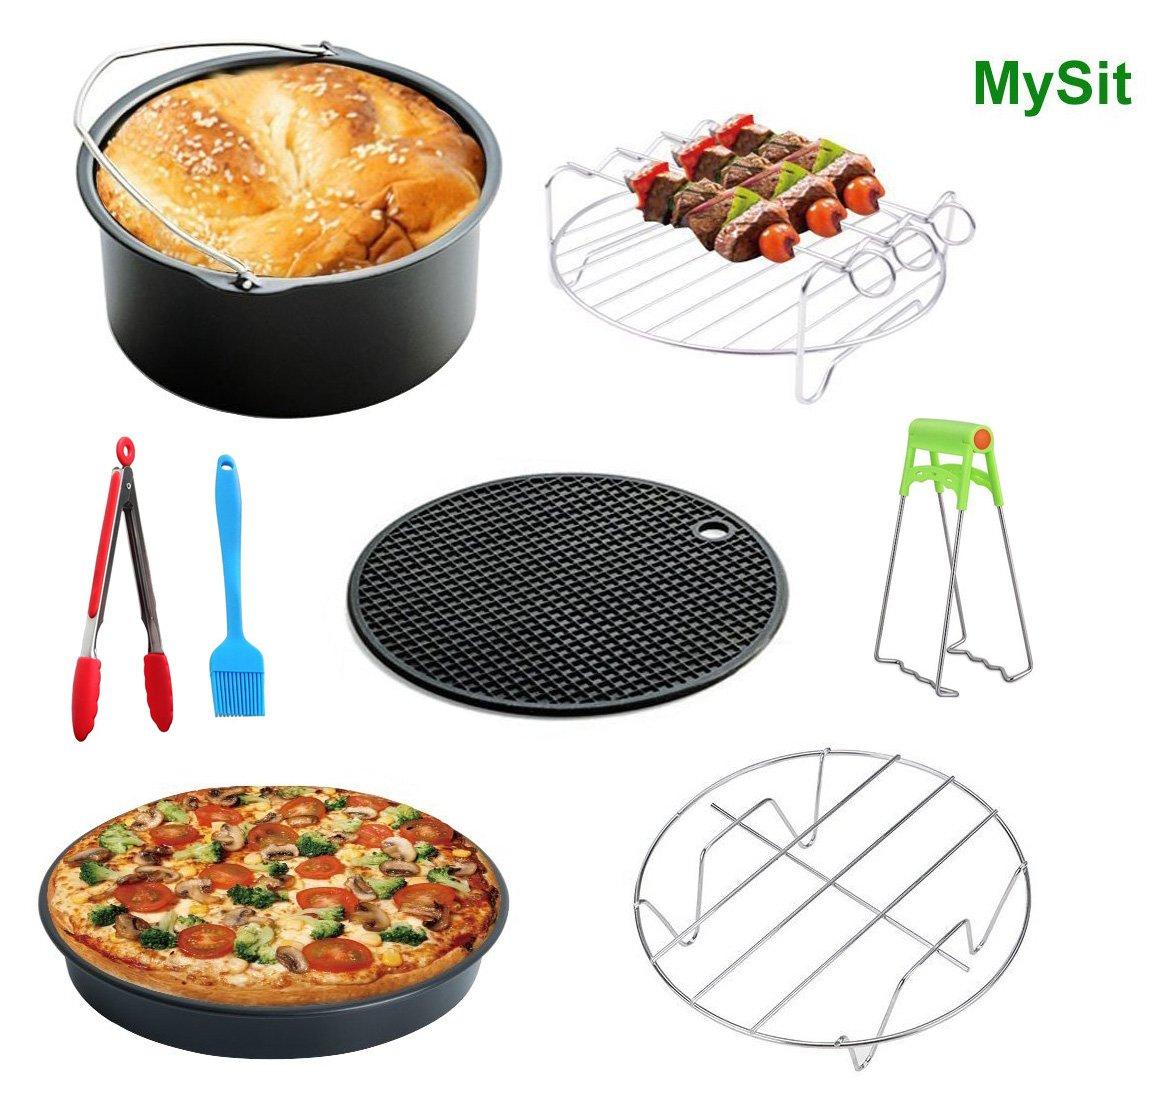 MySit 7